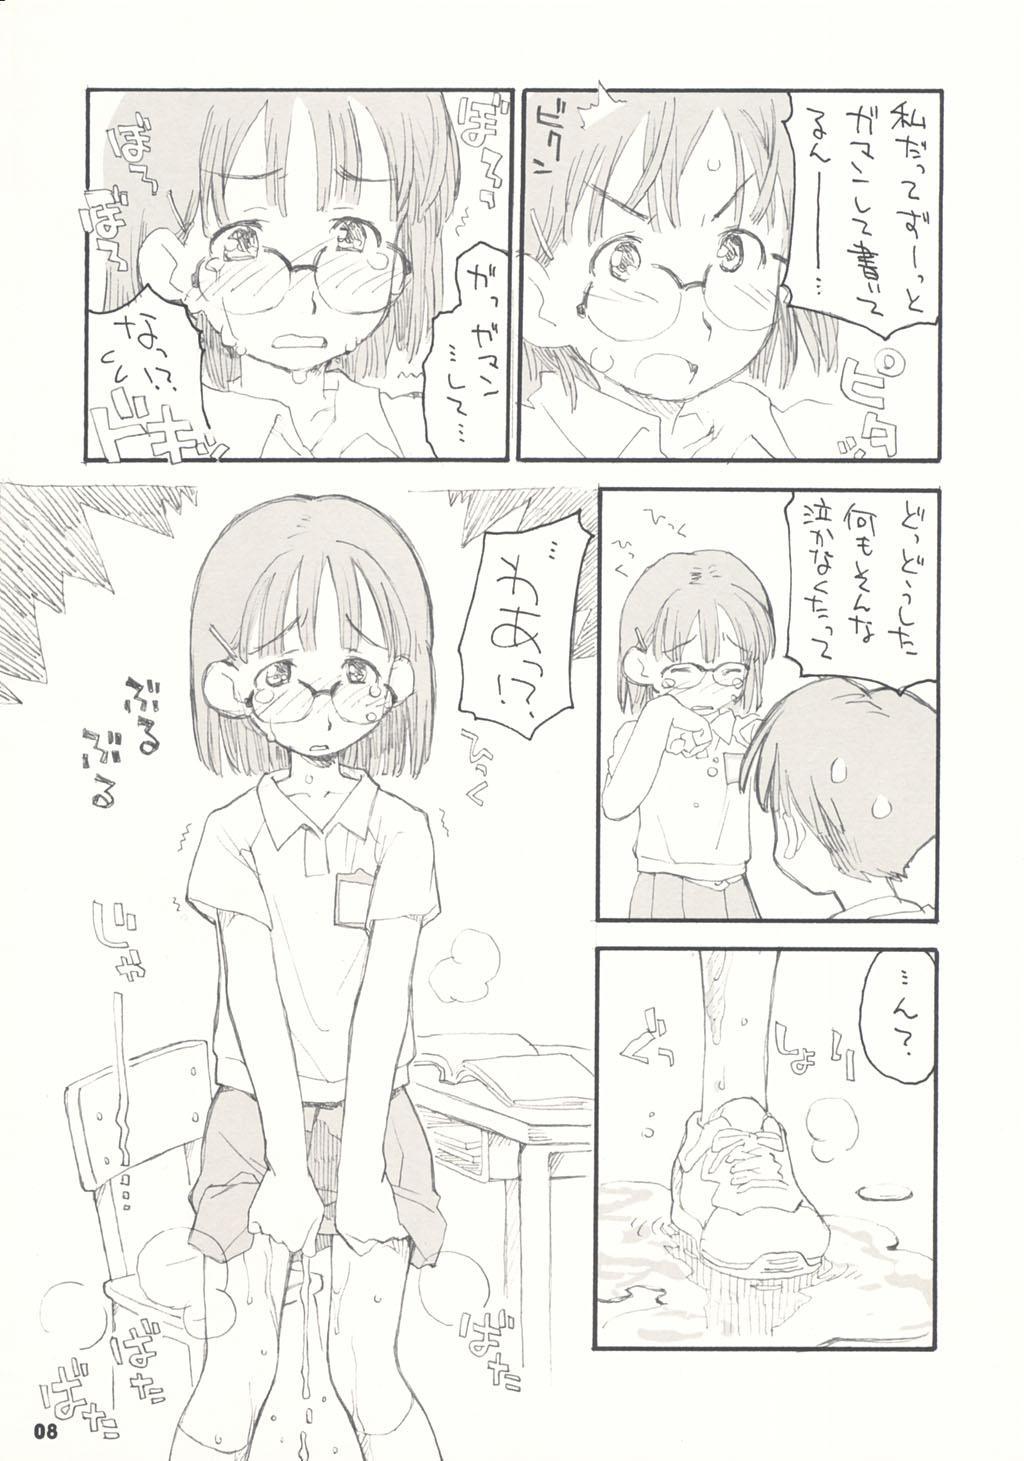 Tonari no Kimi 1-gakki 8